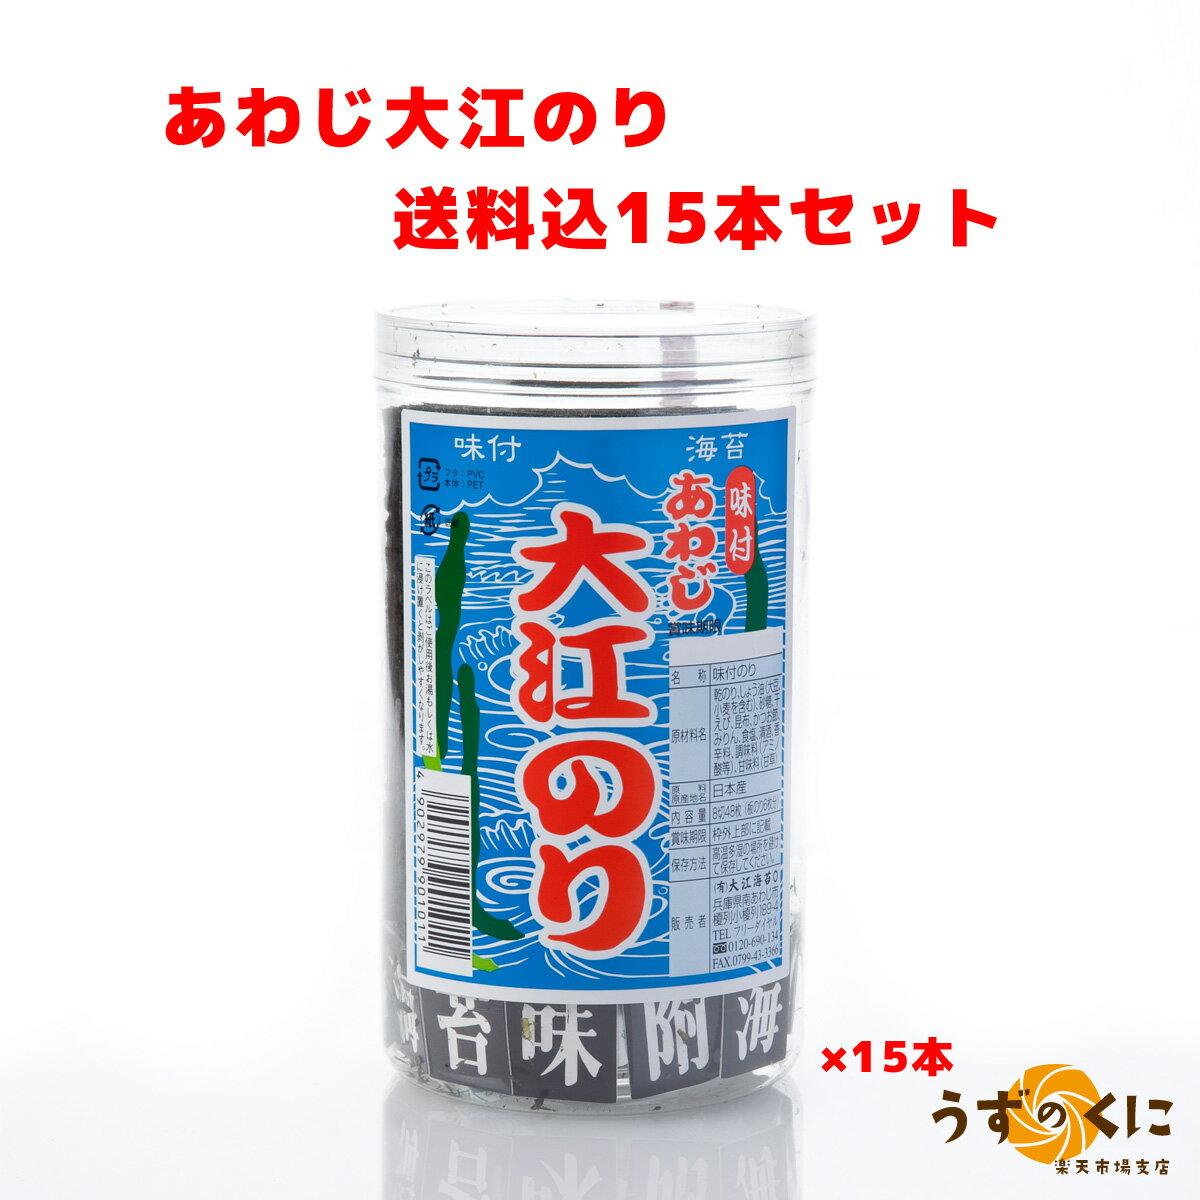 【送料込】あわじ 大江のり(48枚入×15本)送料込!15個 大江海苔 淡路島